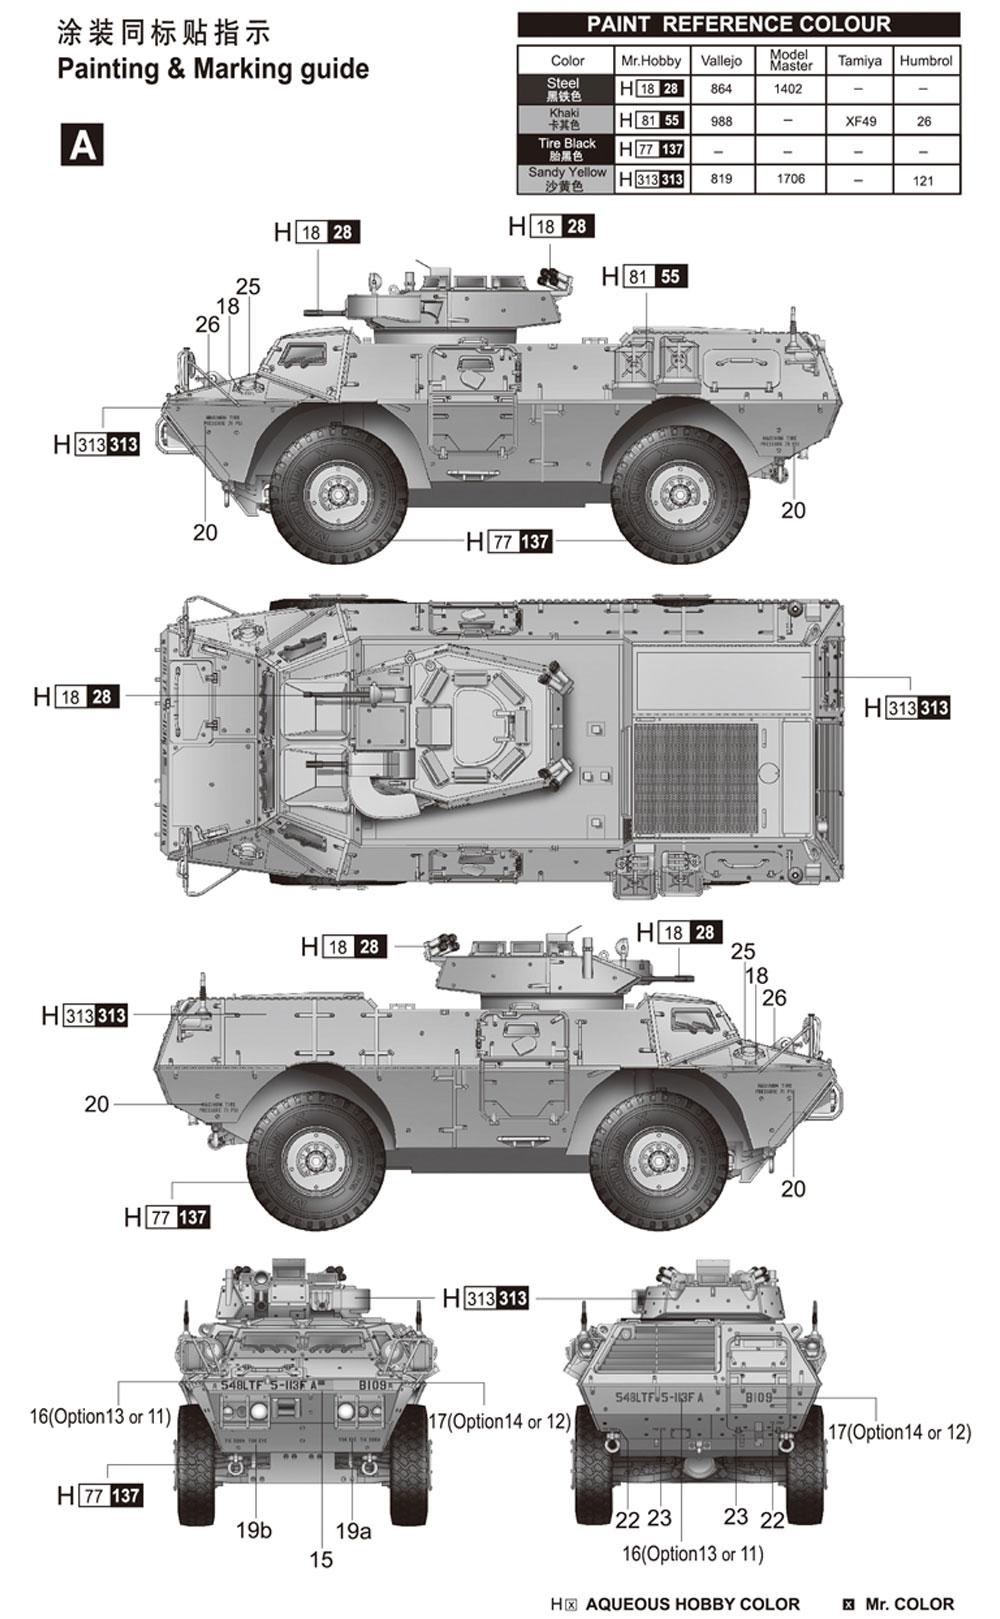 M1117 ガーディアン 装甲警備車 (ASV)プラモデル(トランペッター1/72 AFVシリーズNo.07131)商品画像_2